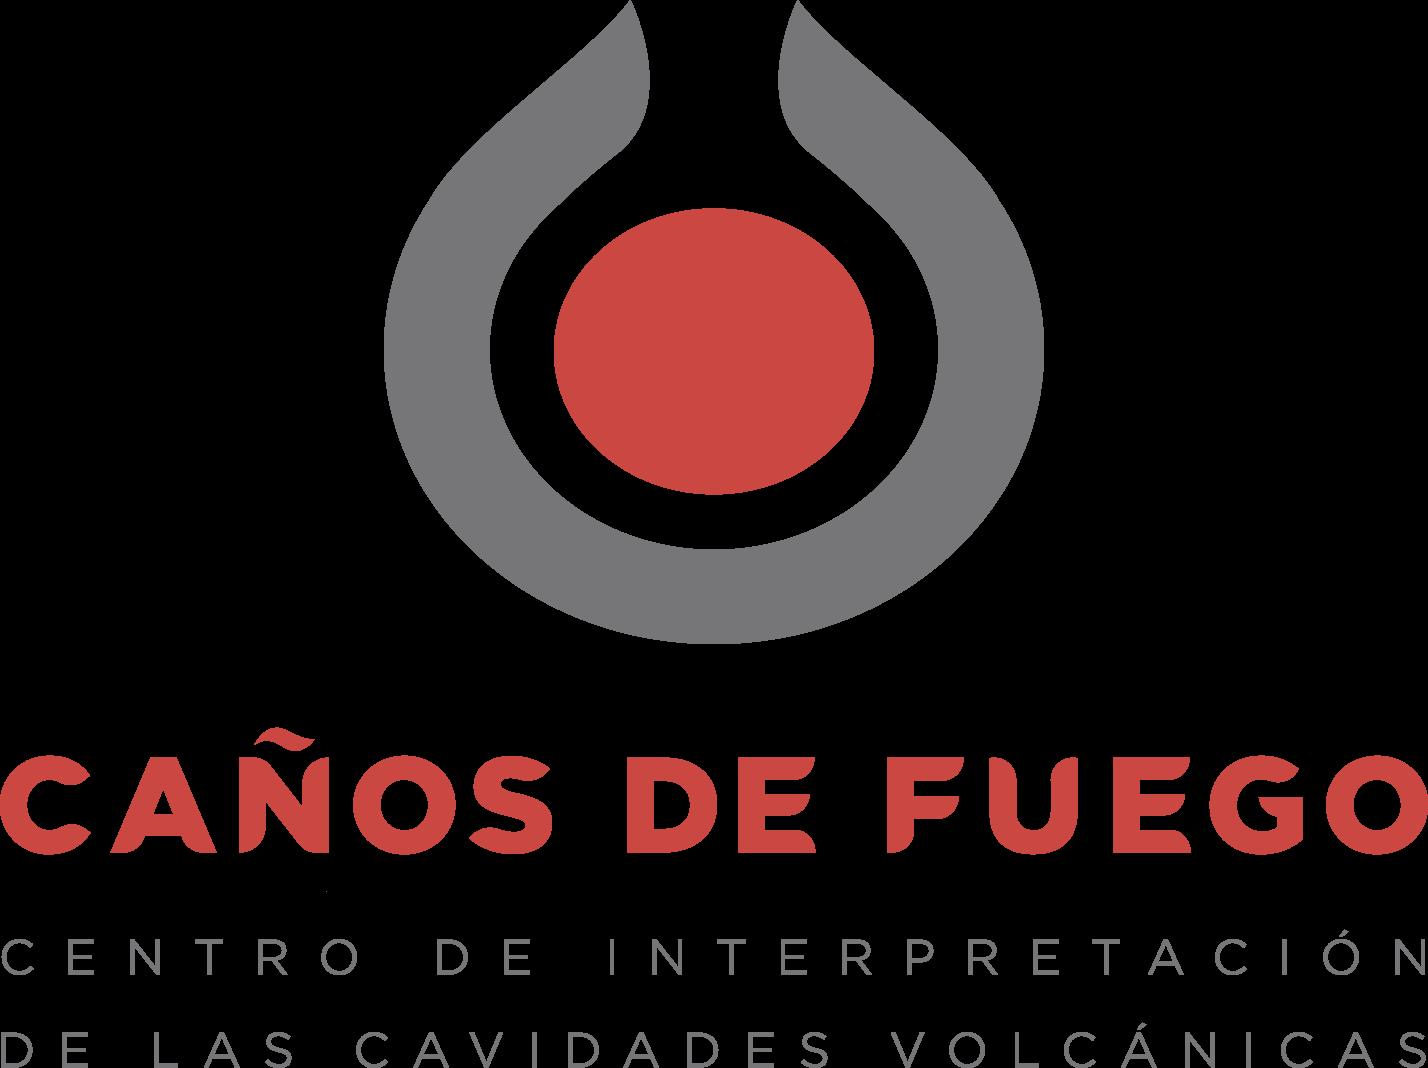 Caños de fuego - Logotipo